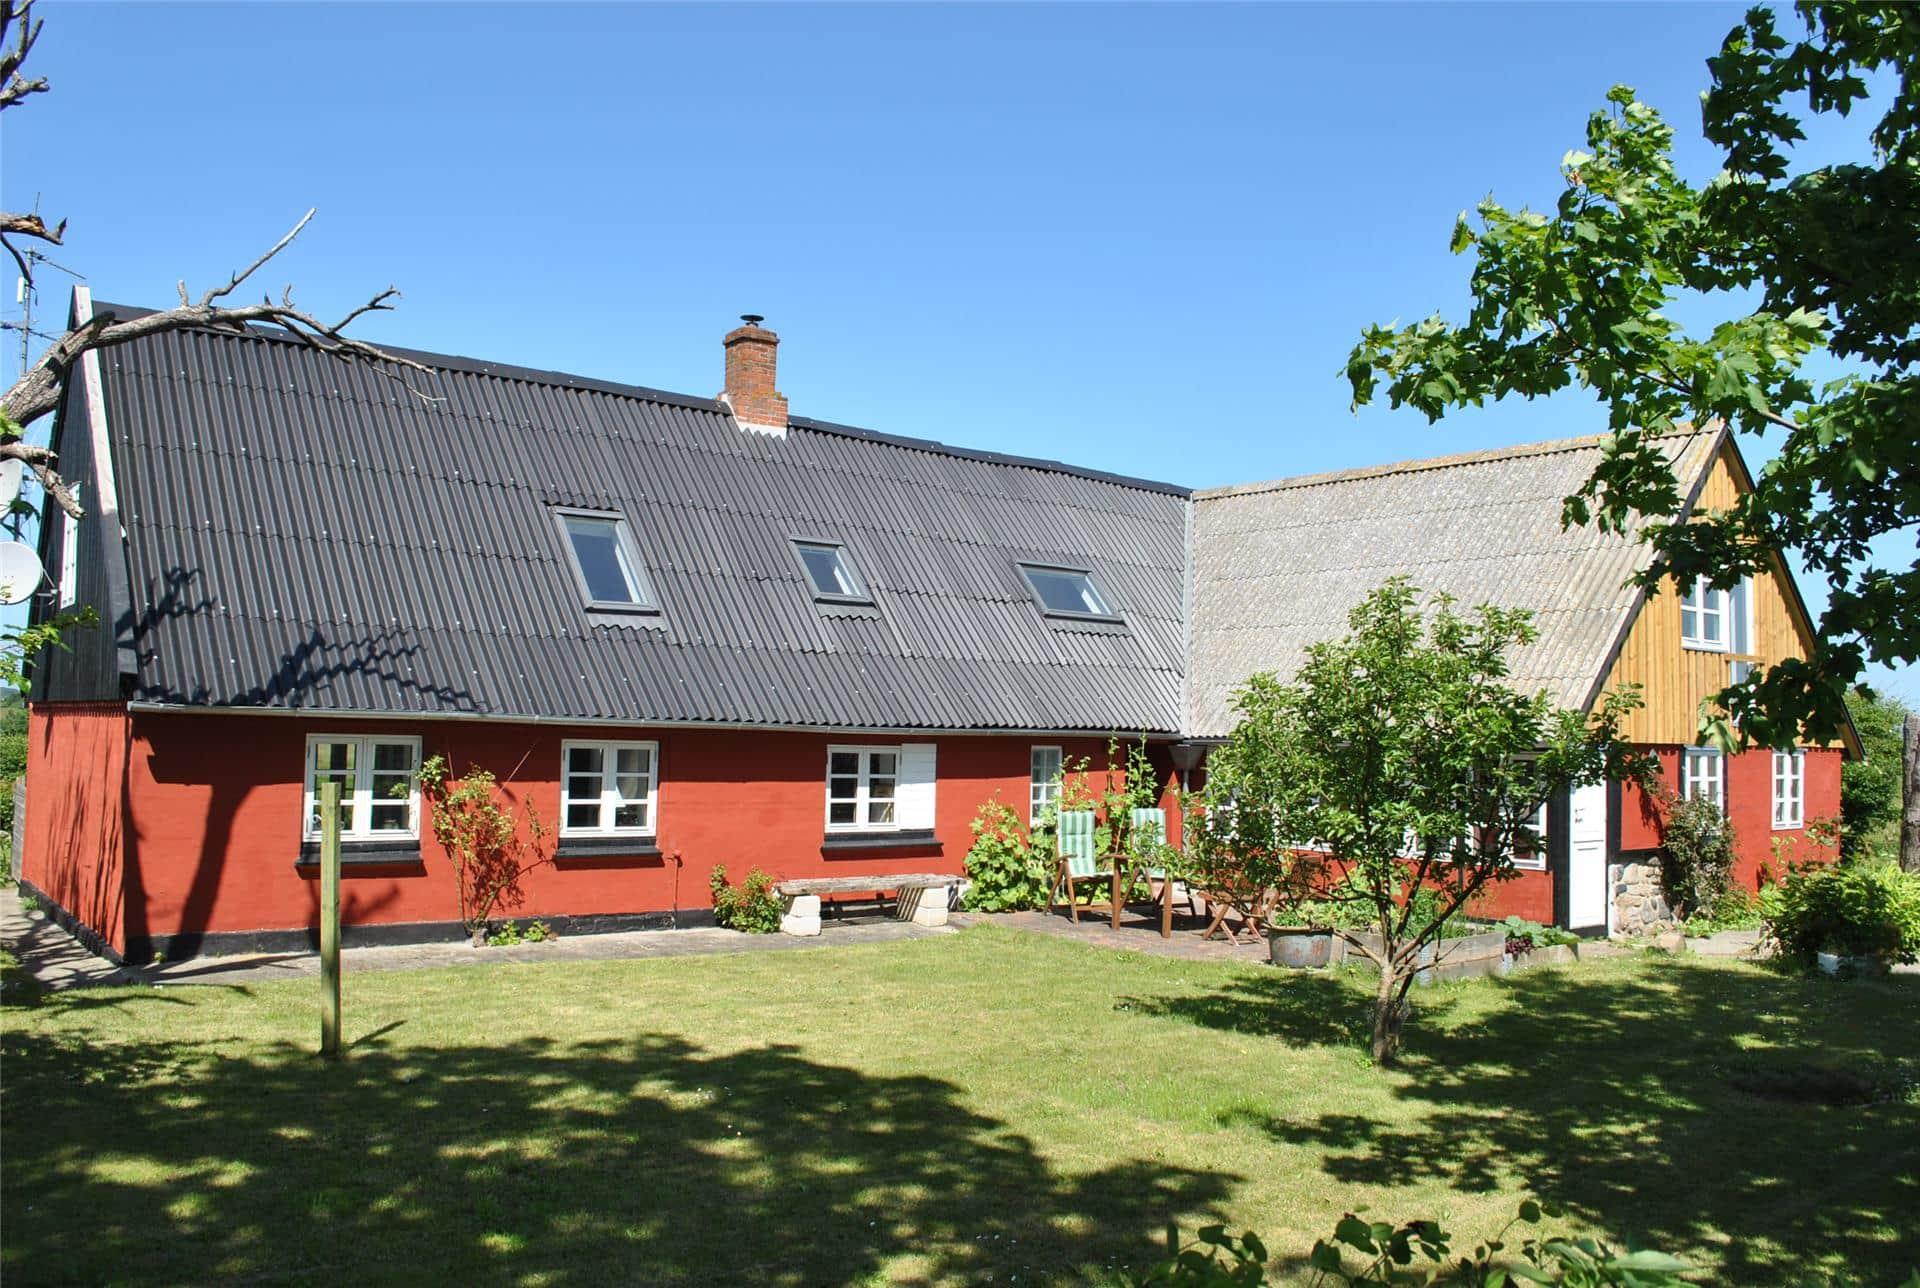 Billede 1-170 Sommerhus 20211, Nørreskiftevej 20, DK - 8305 Samsø